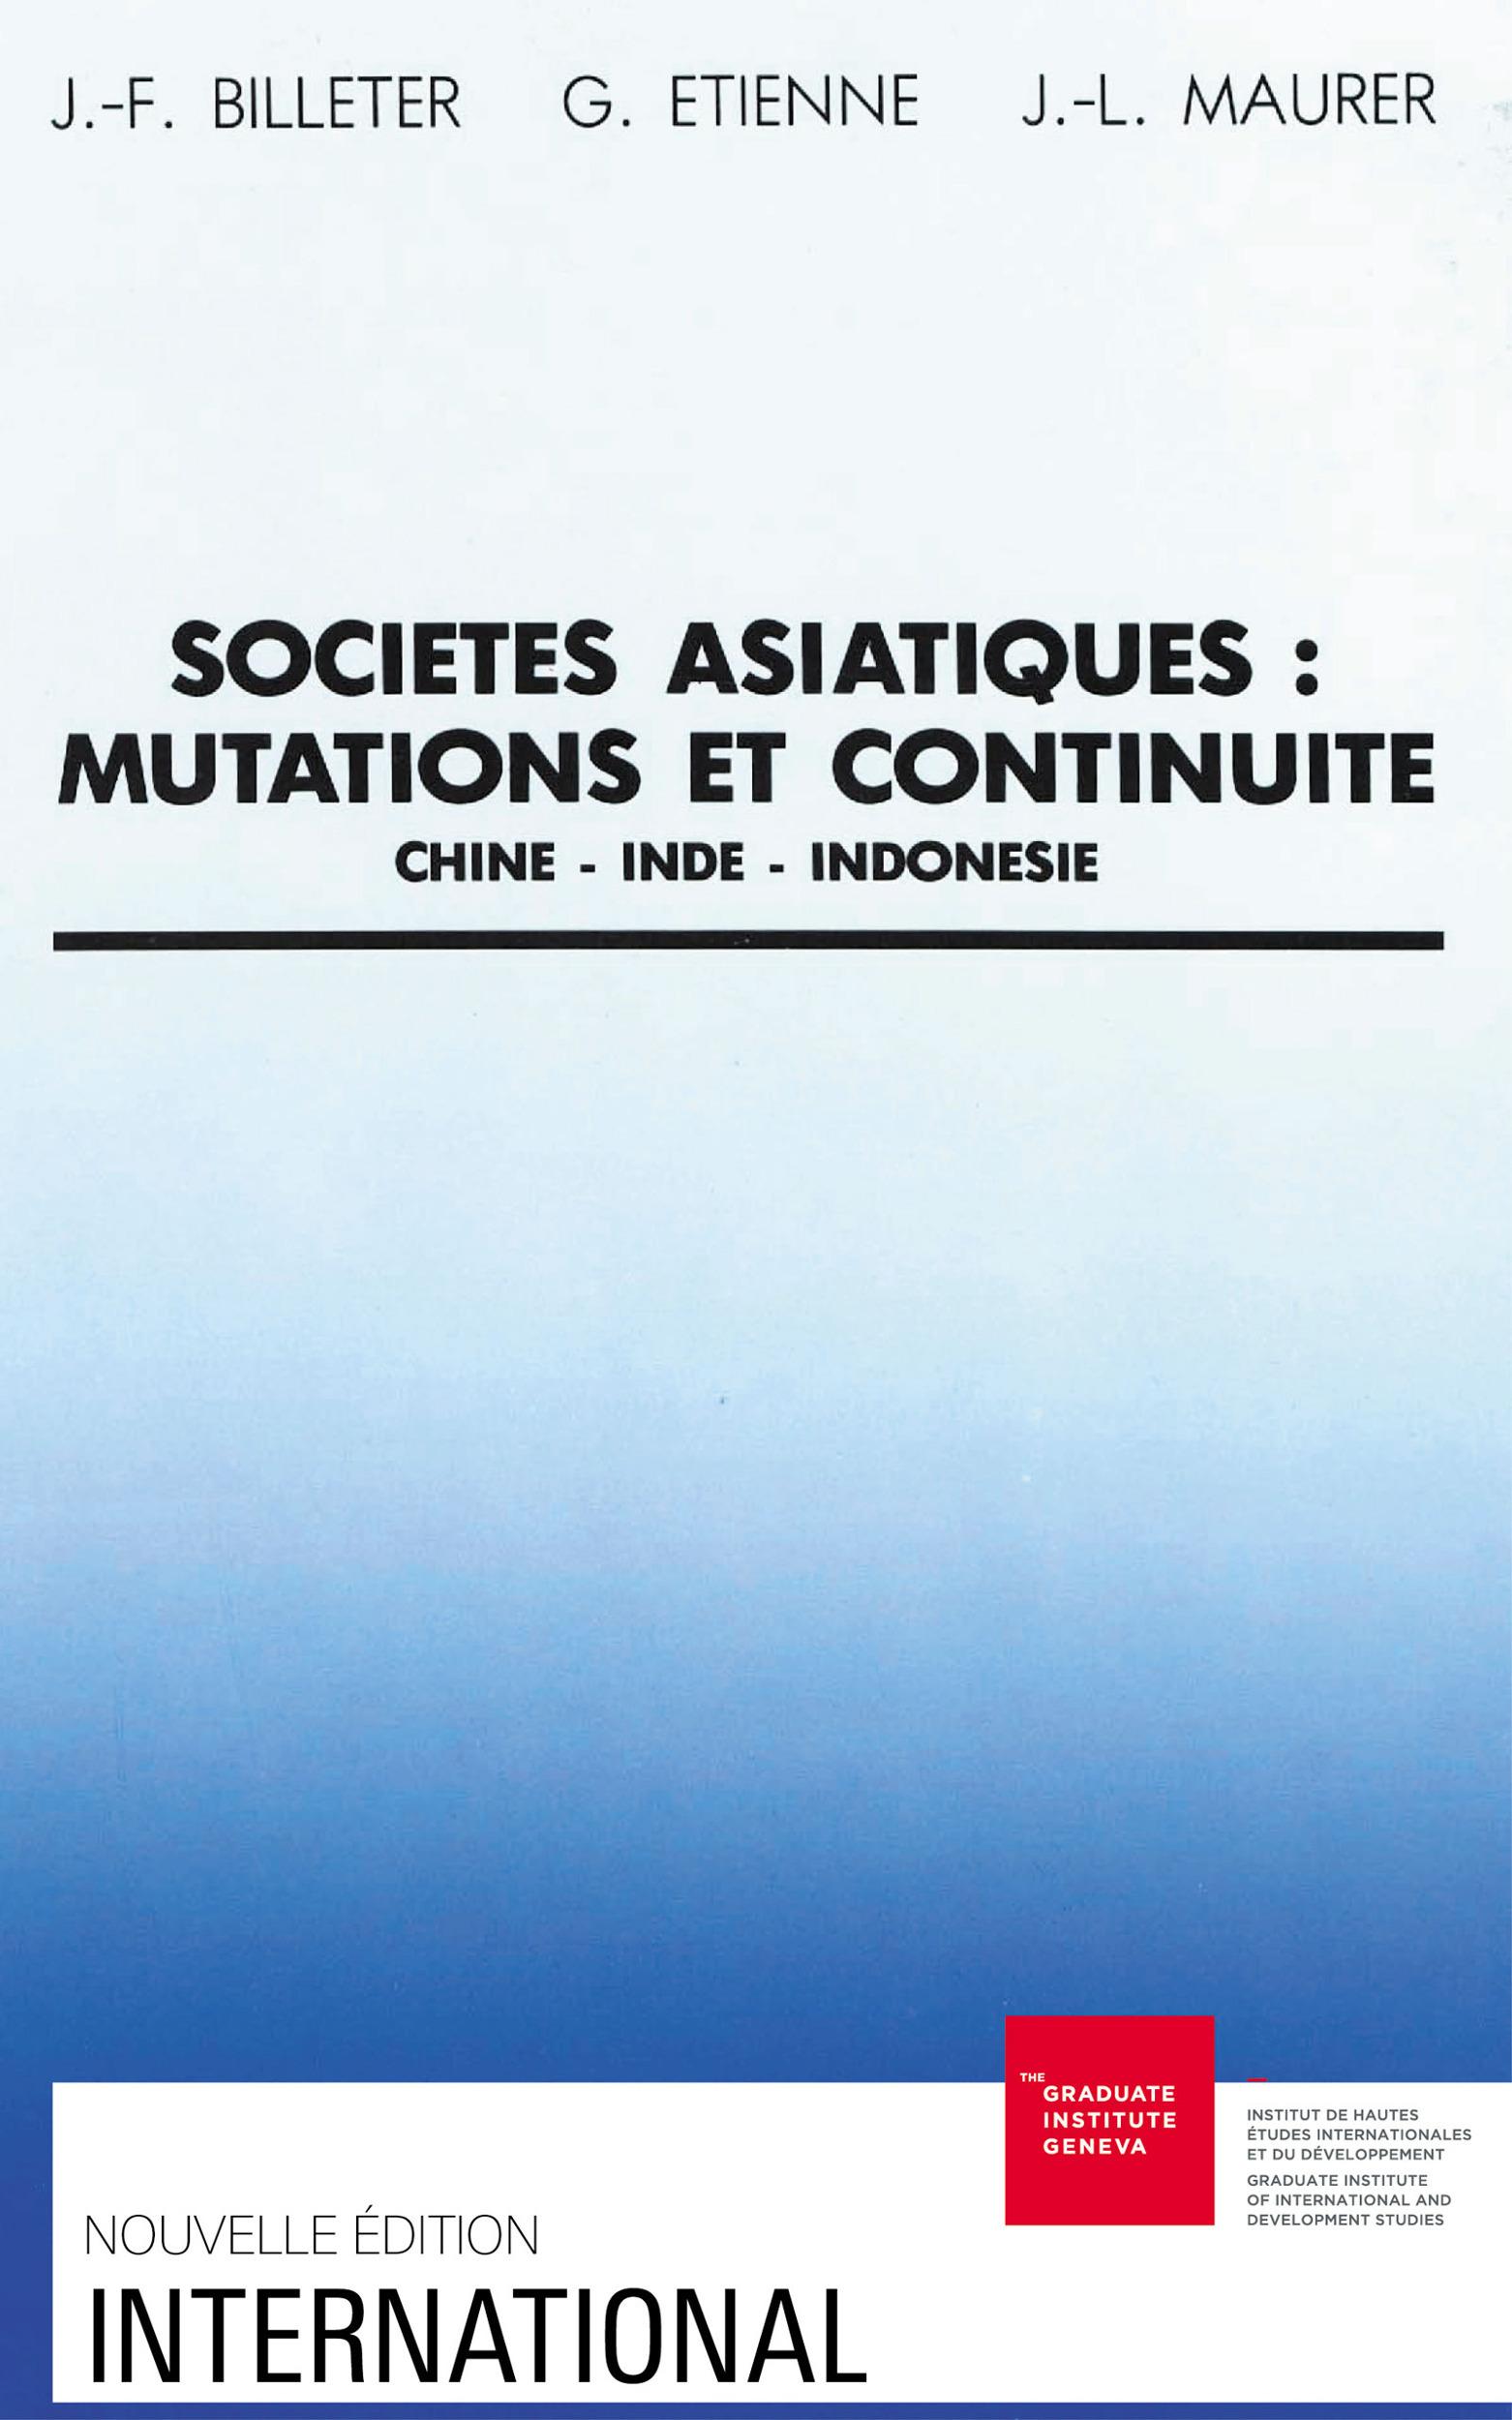 Societes asiatiques. mutations et continuite : chine, inde, indonesie